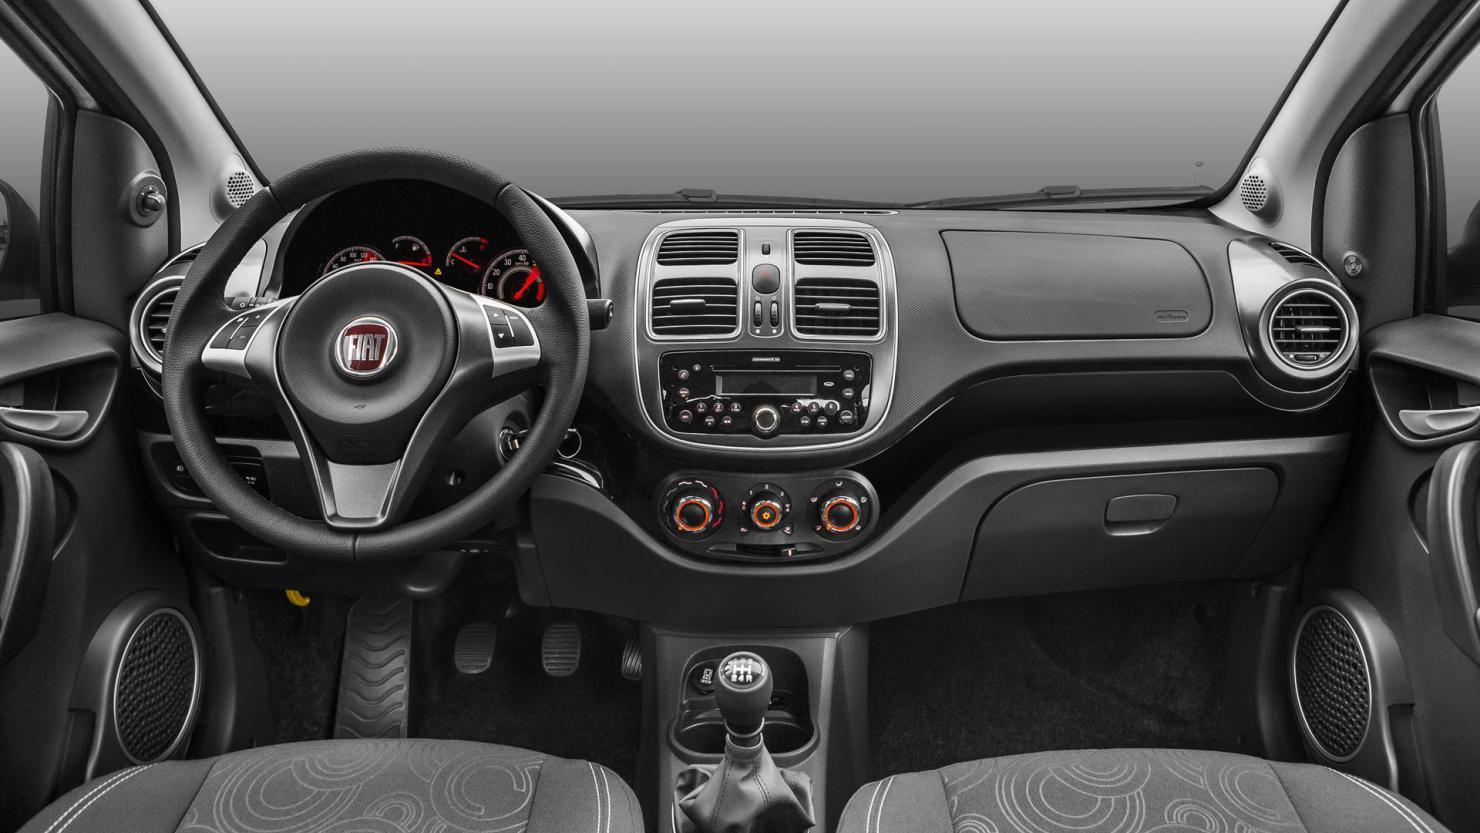 Fiat-Grand-Siena-2017